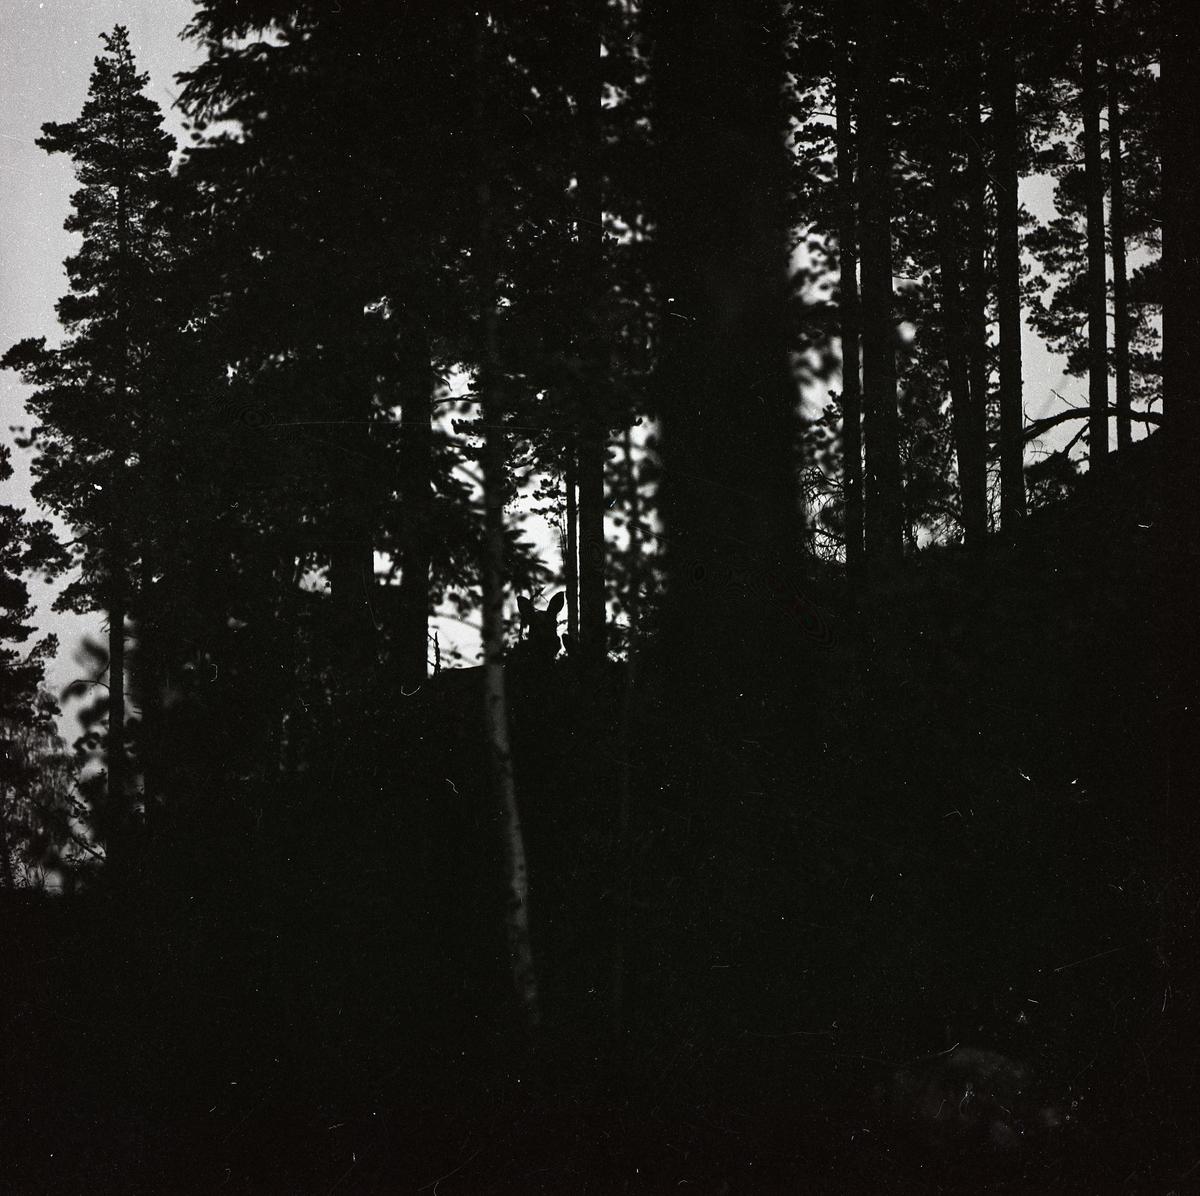 Öronen från en älgko sticker upp bland skogens trädstammar i Lindefallet, 27 september 1961.